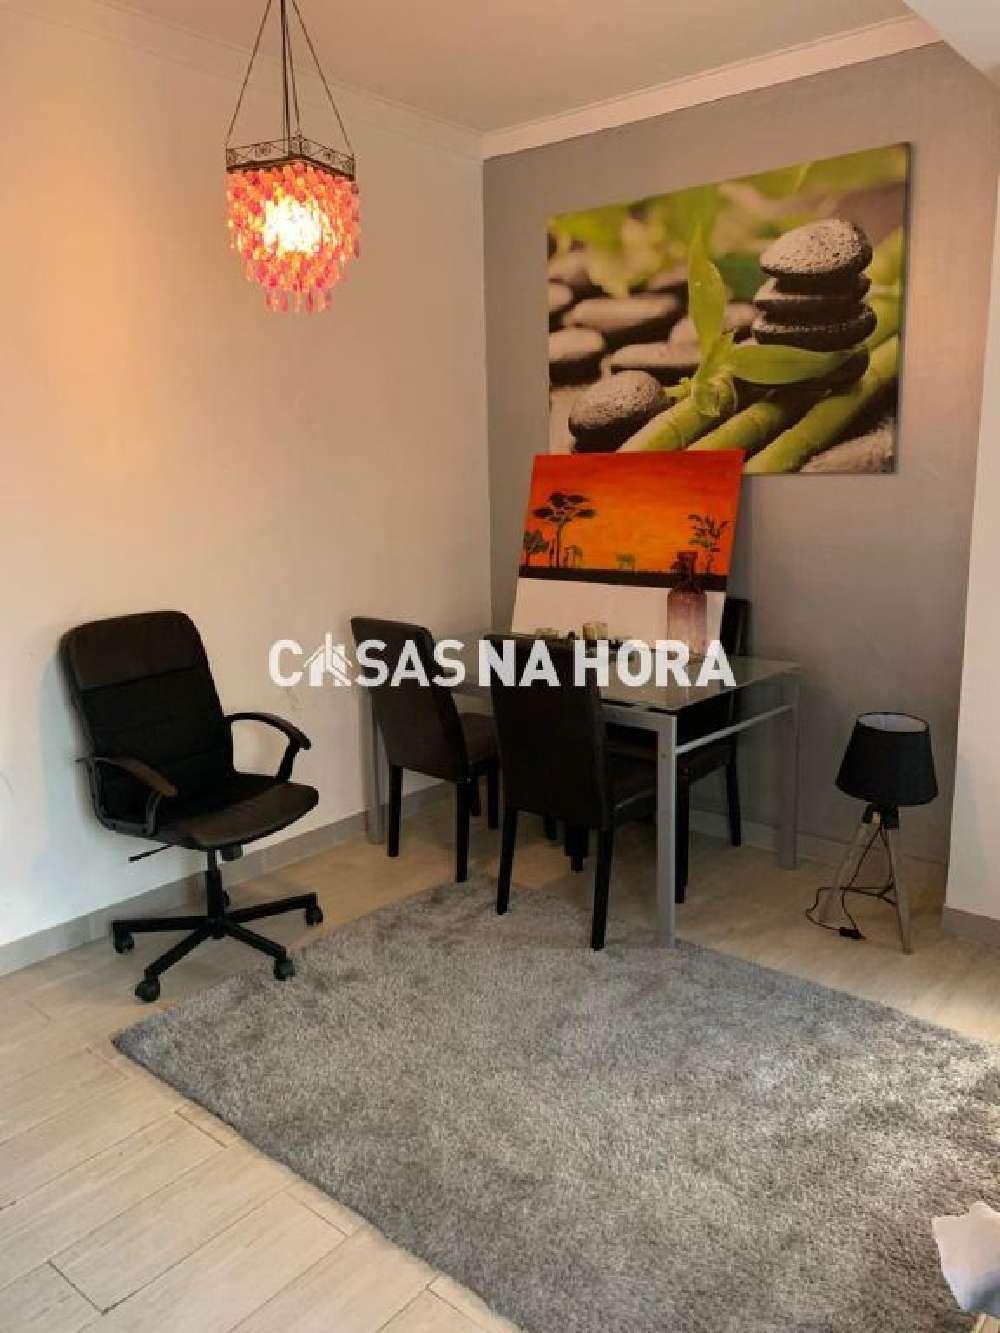 Caparica Almada apartamento foto #request.properties.id#